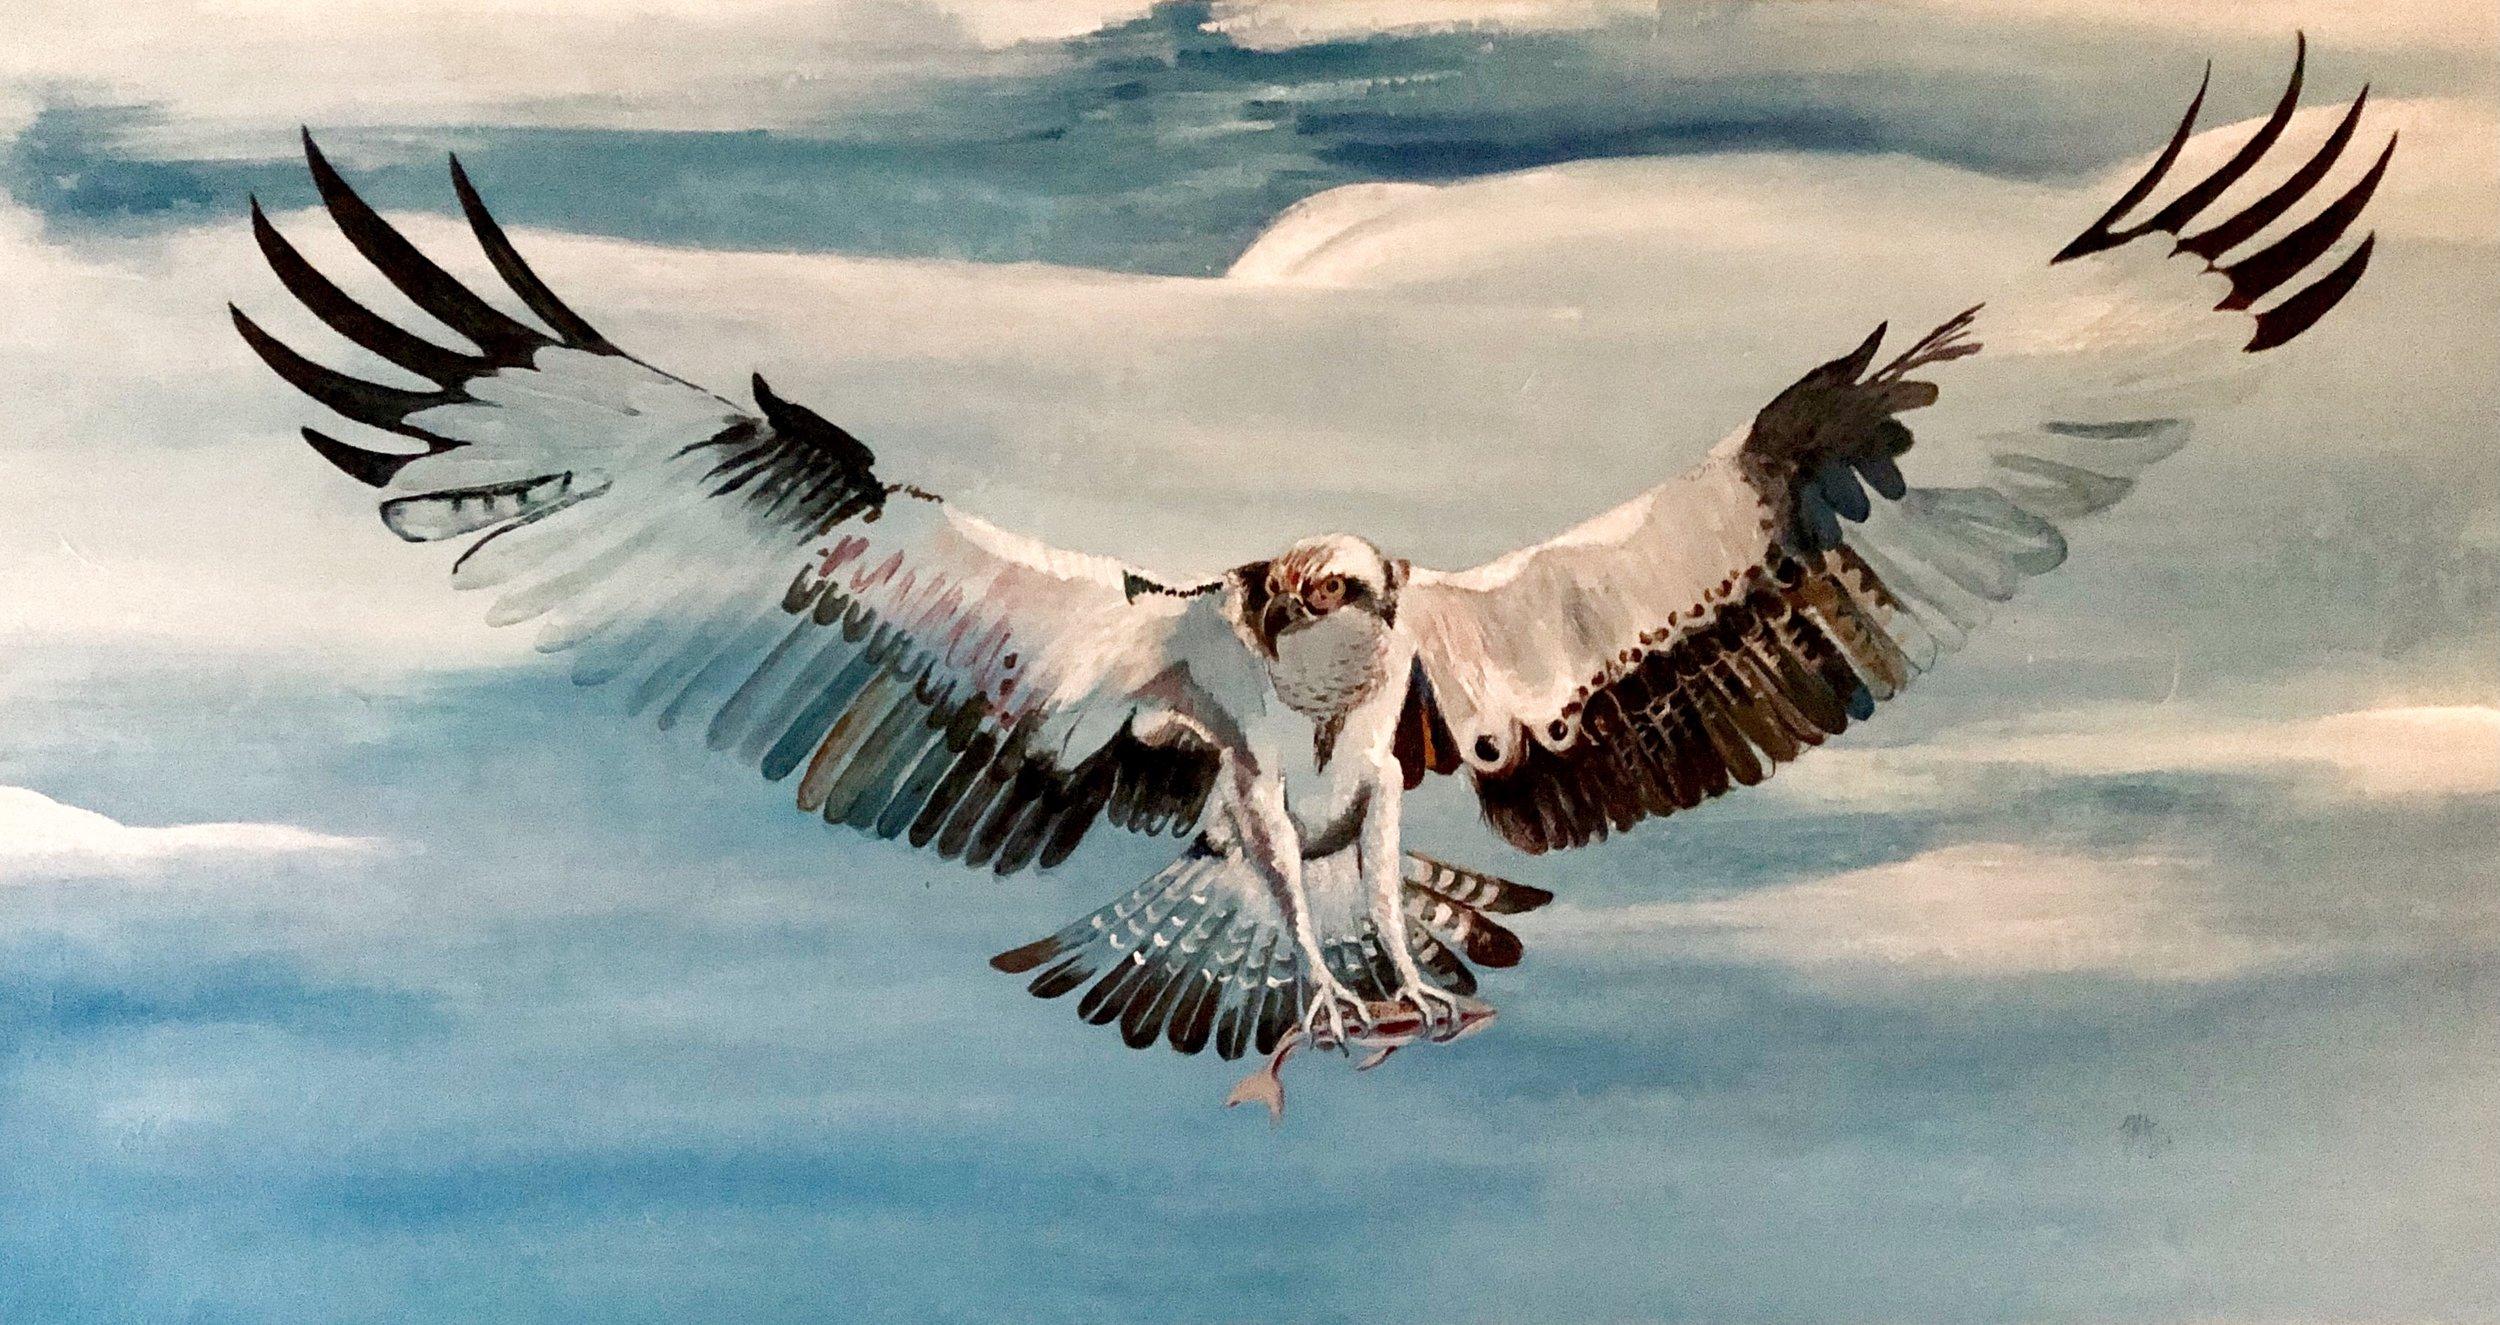 Målning av Ina M Andersson.  Fågeln Fiskgjuse har gett namn åt Osprey Sweden Farm & Studio AB